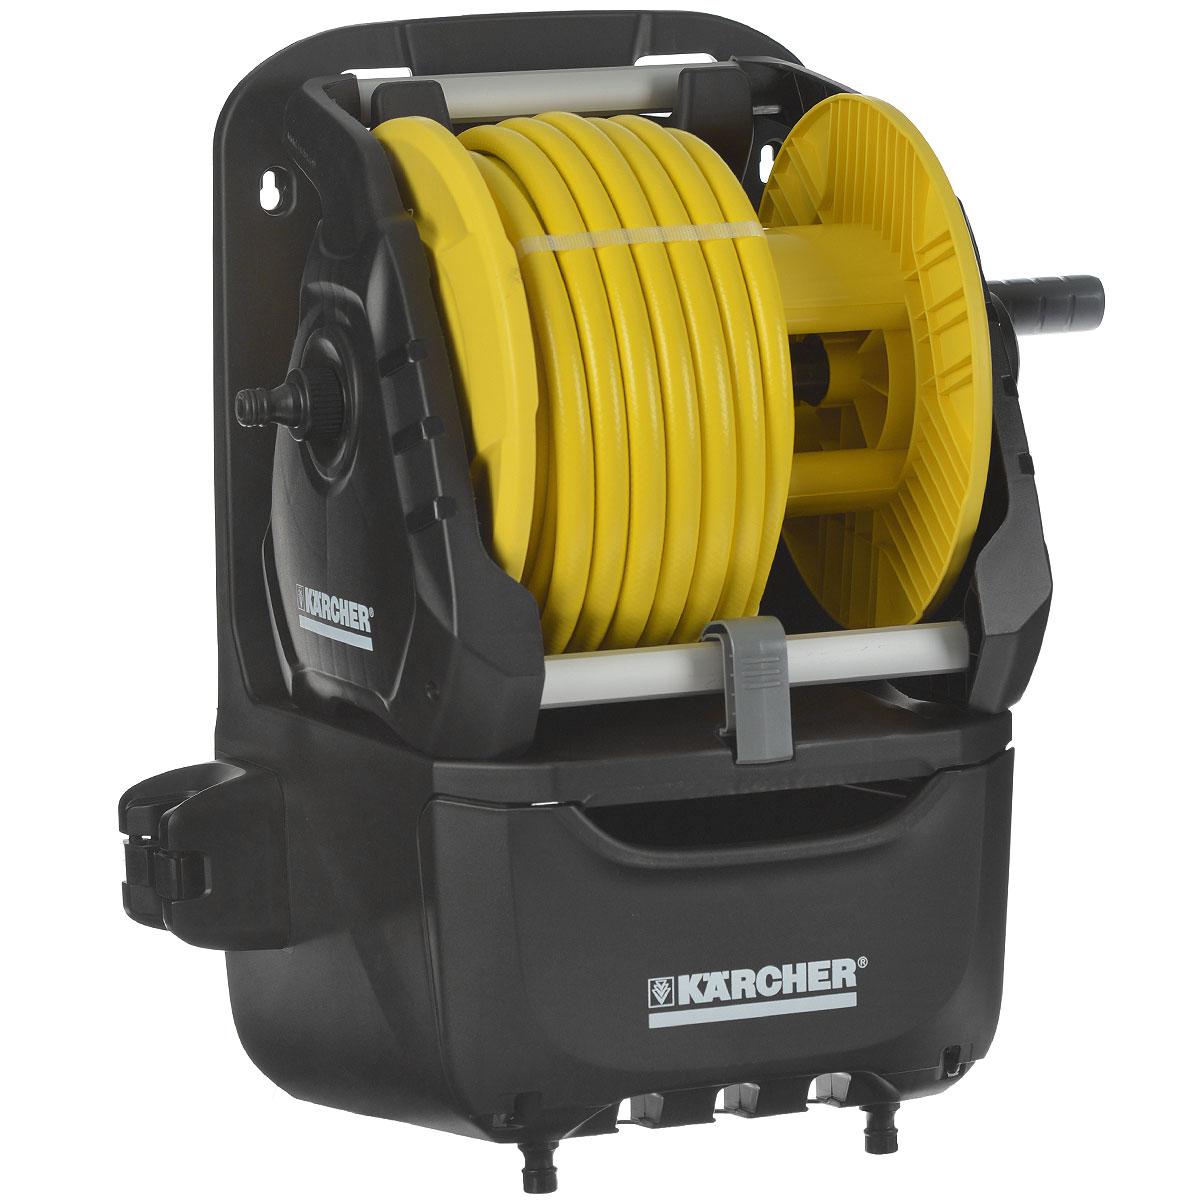 цена на Катушка Karcher HR 7.315 Kit, со шлангом, 15 м 2.645-164.0